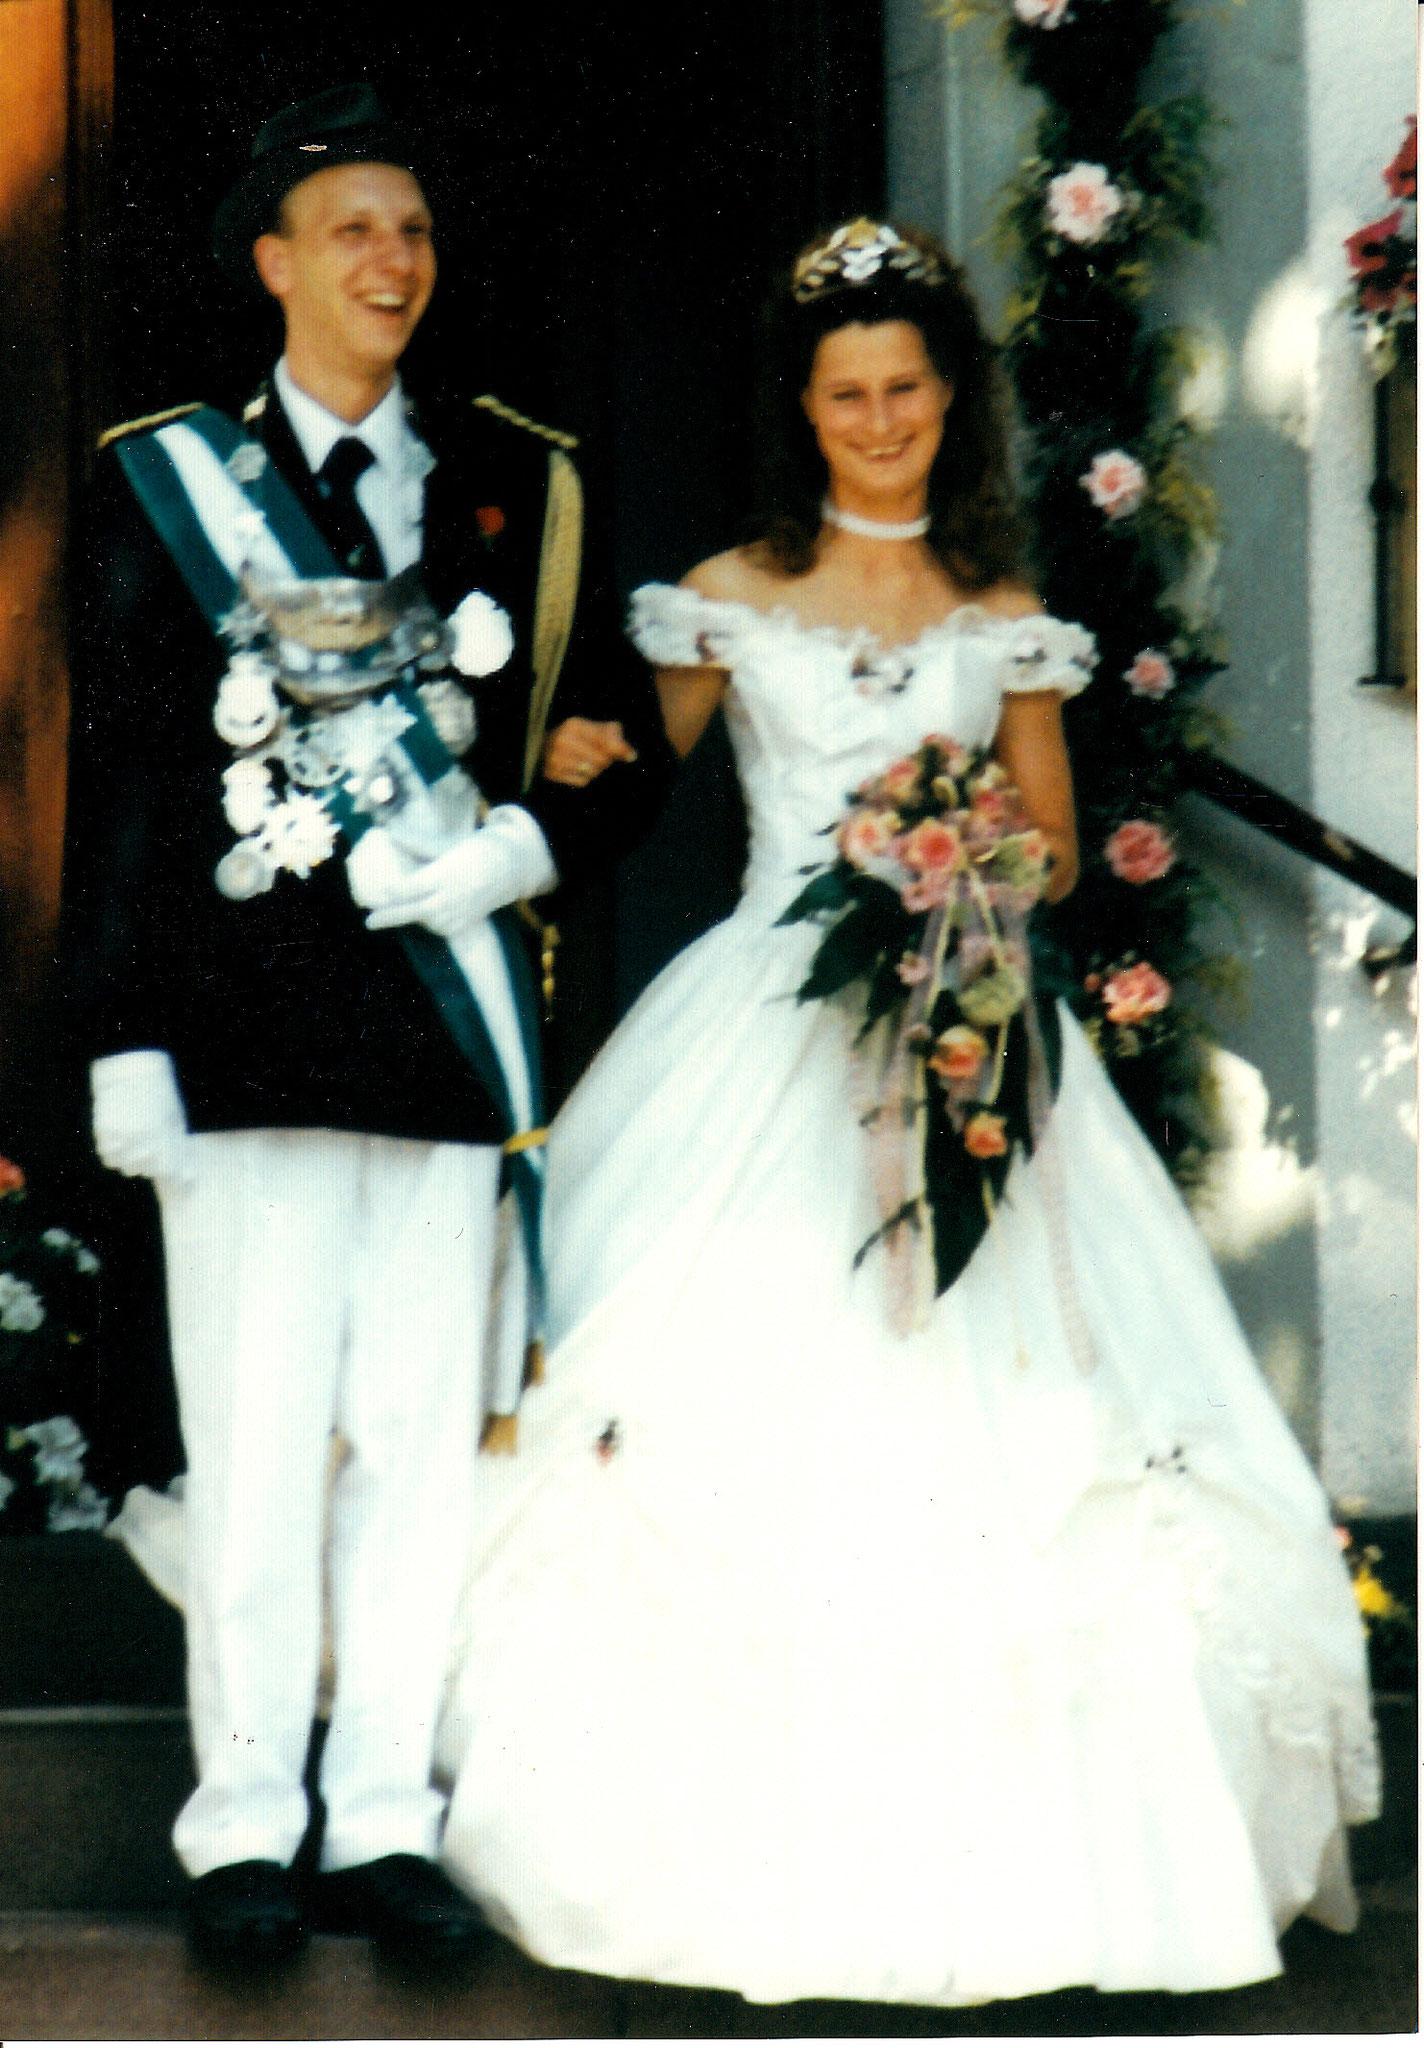 1998 Andre Pils & Melanie Kresing